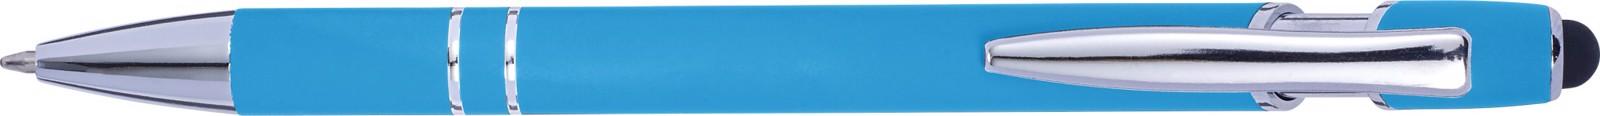 Aluminium ballpen - Light Blue